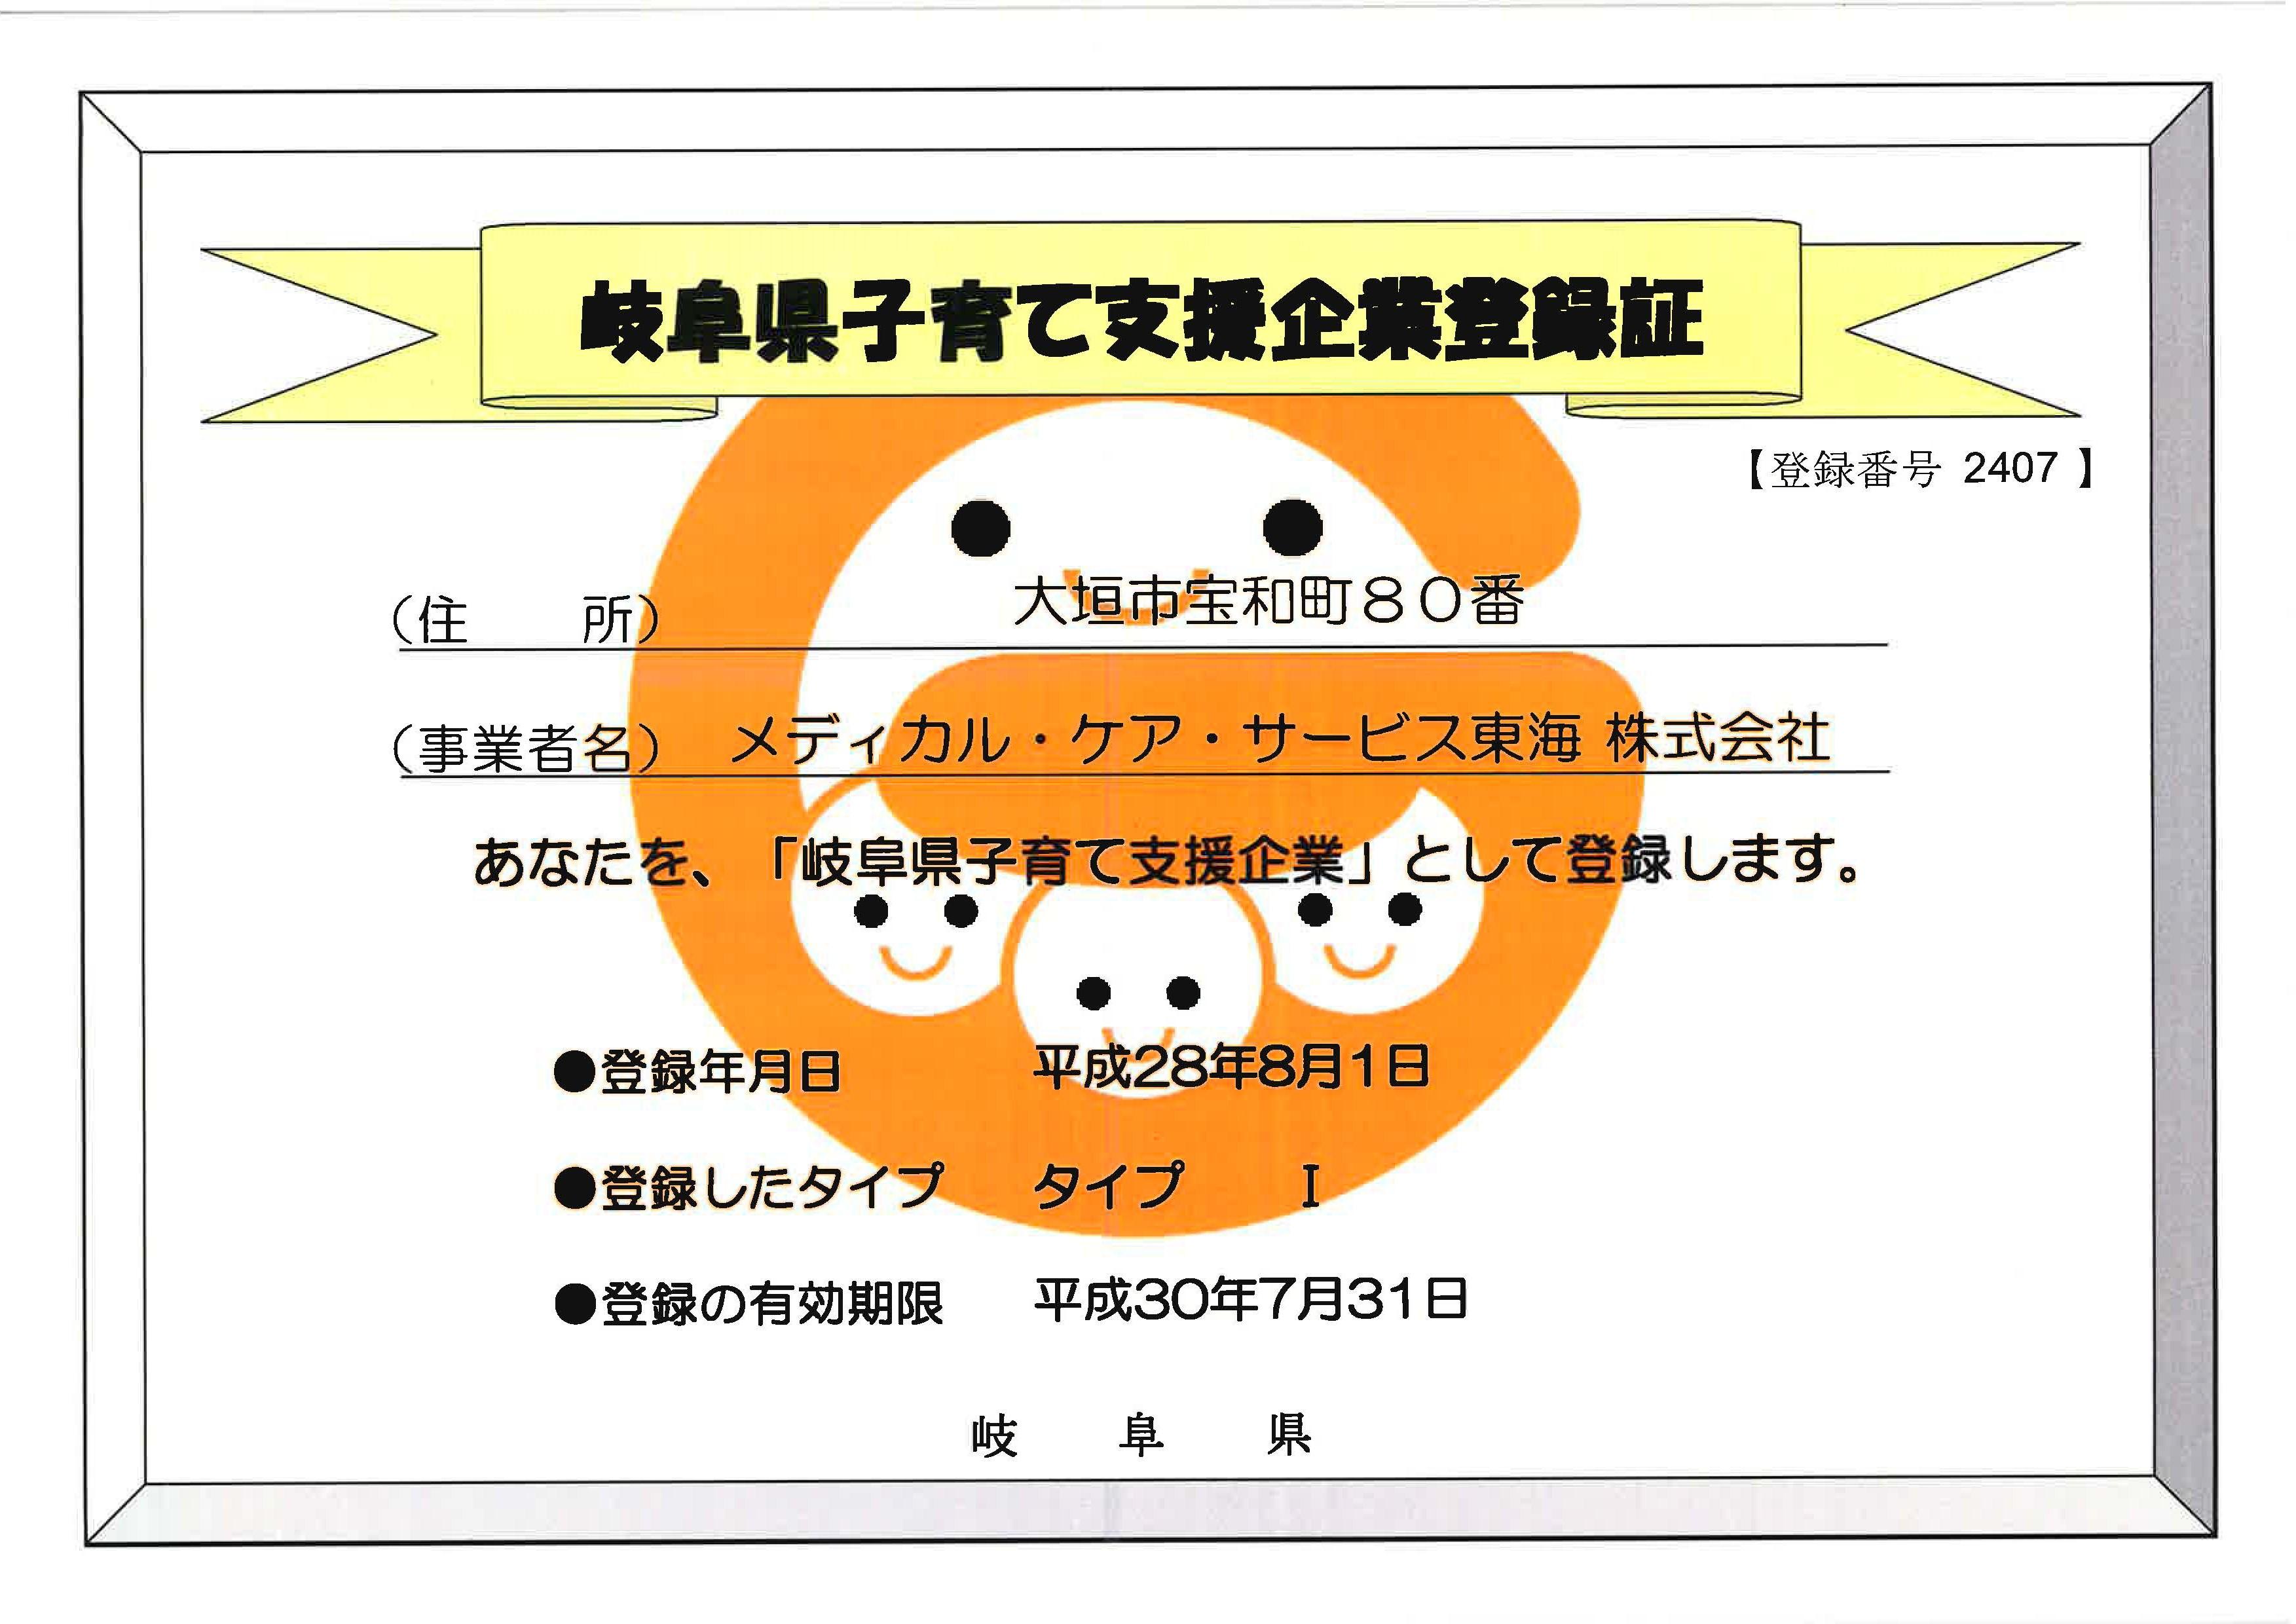 文書名 -子育て支援企業登録3